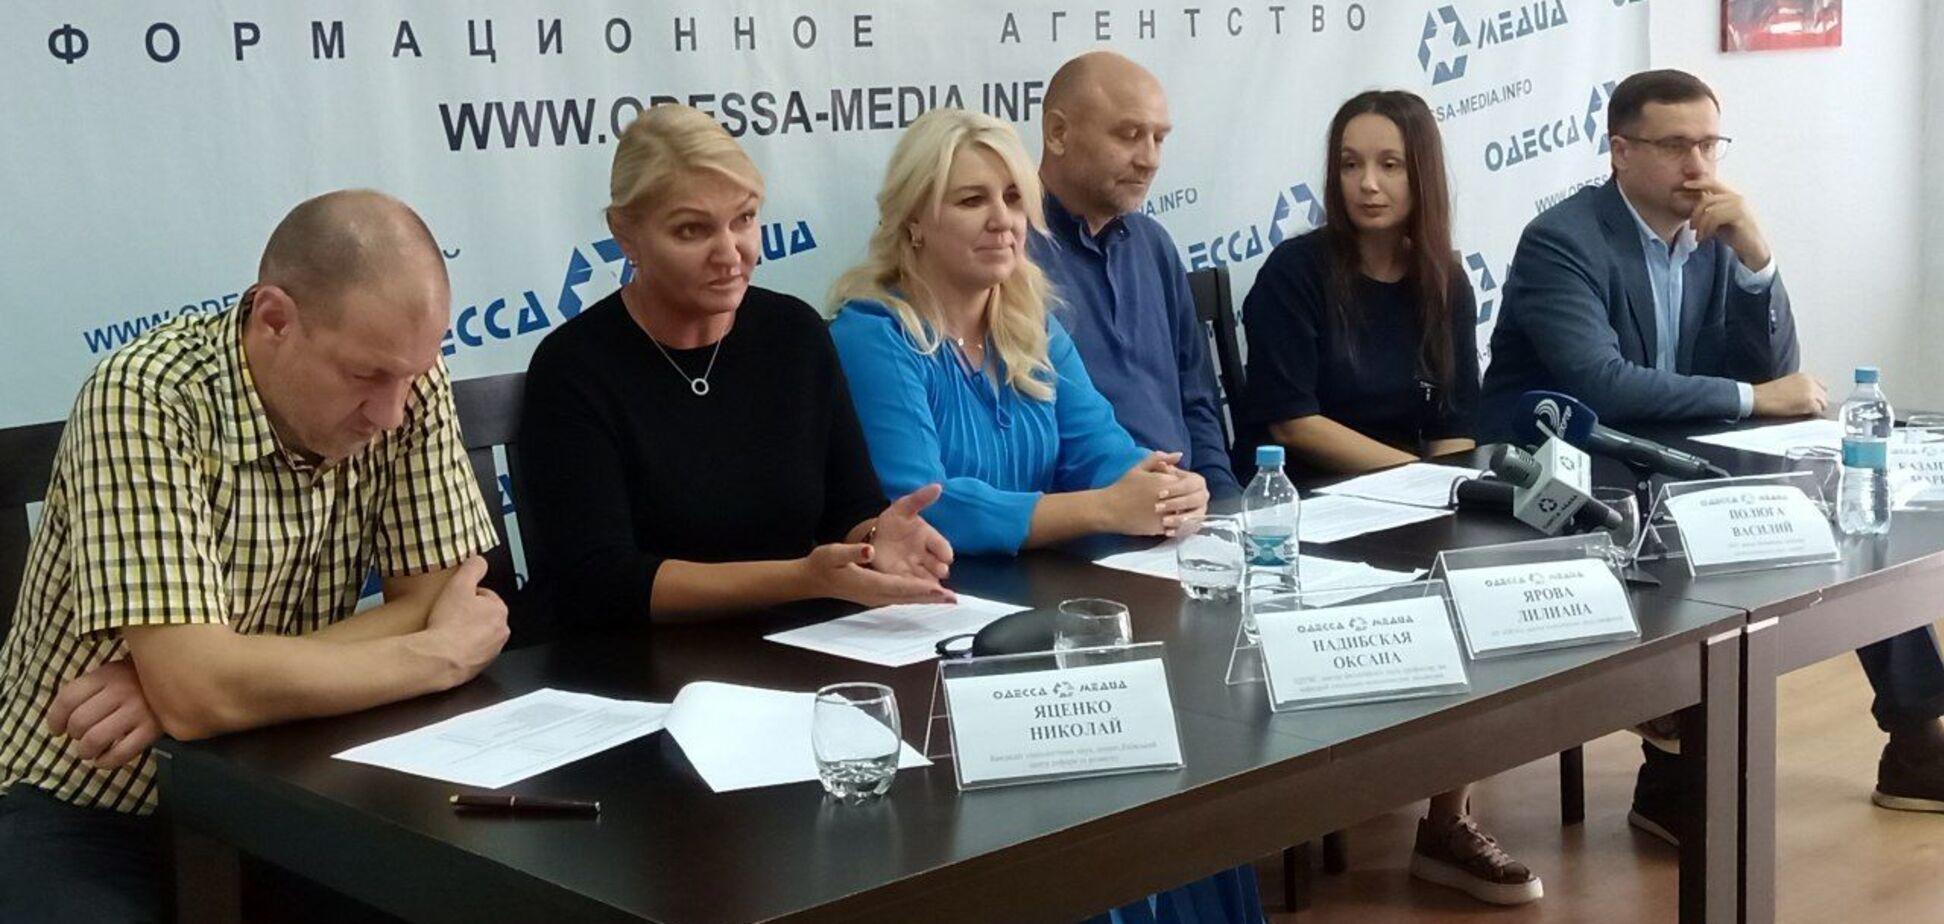 В Одессе презентовали социологическое исследование